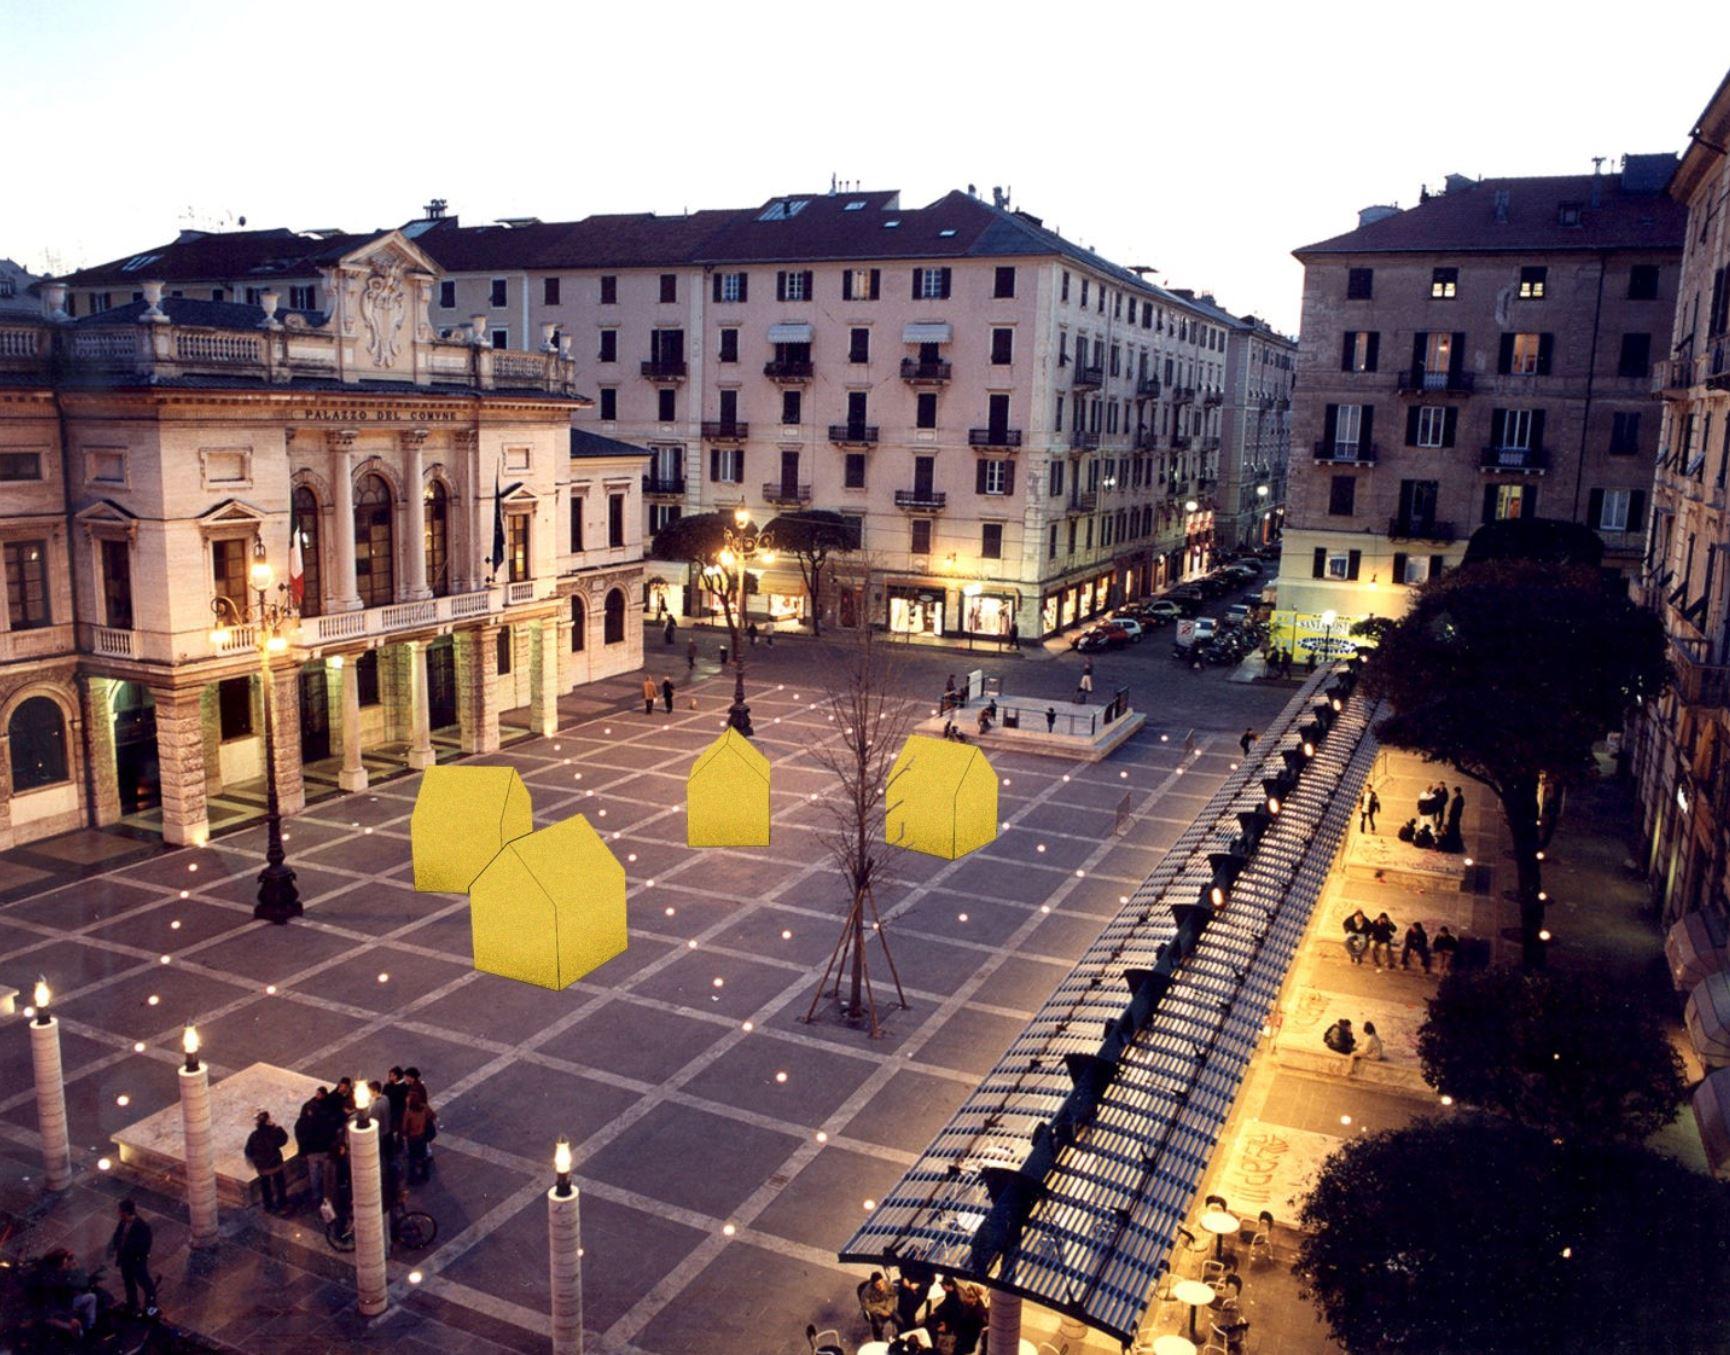 Piazza Sisto IV, Savona (SV)